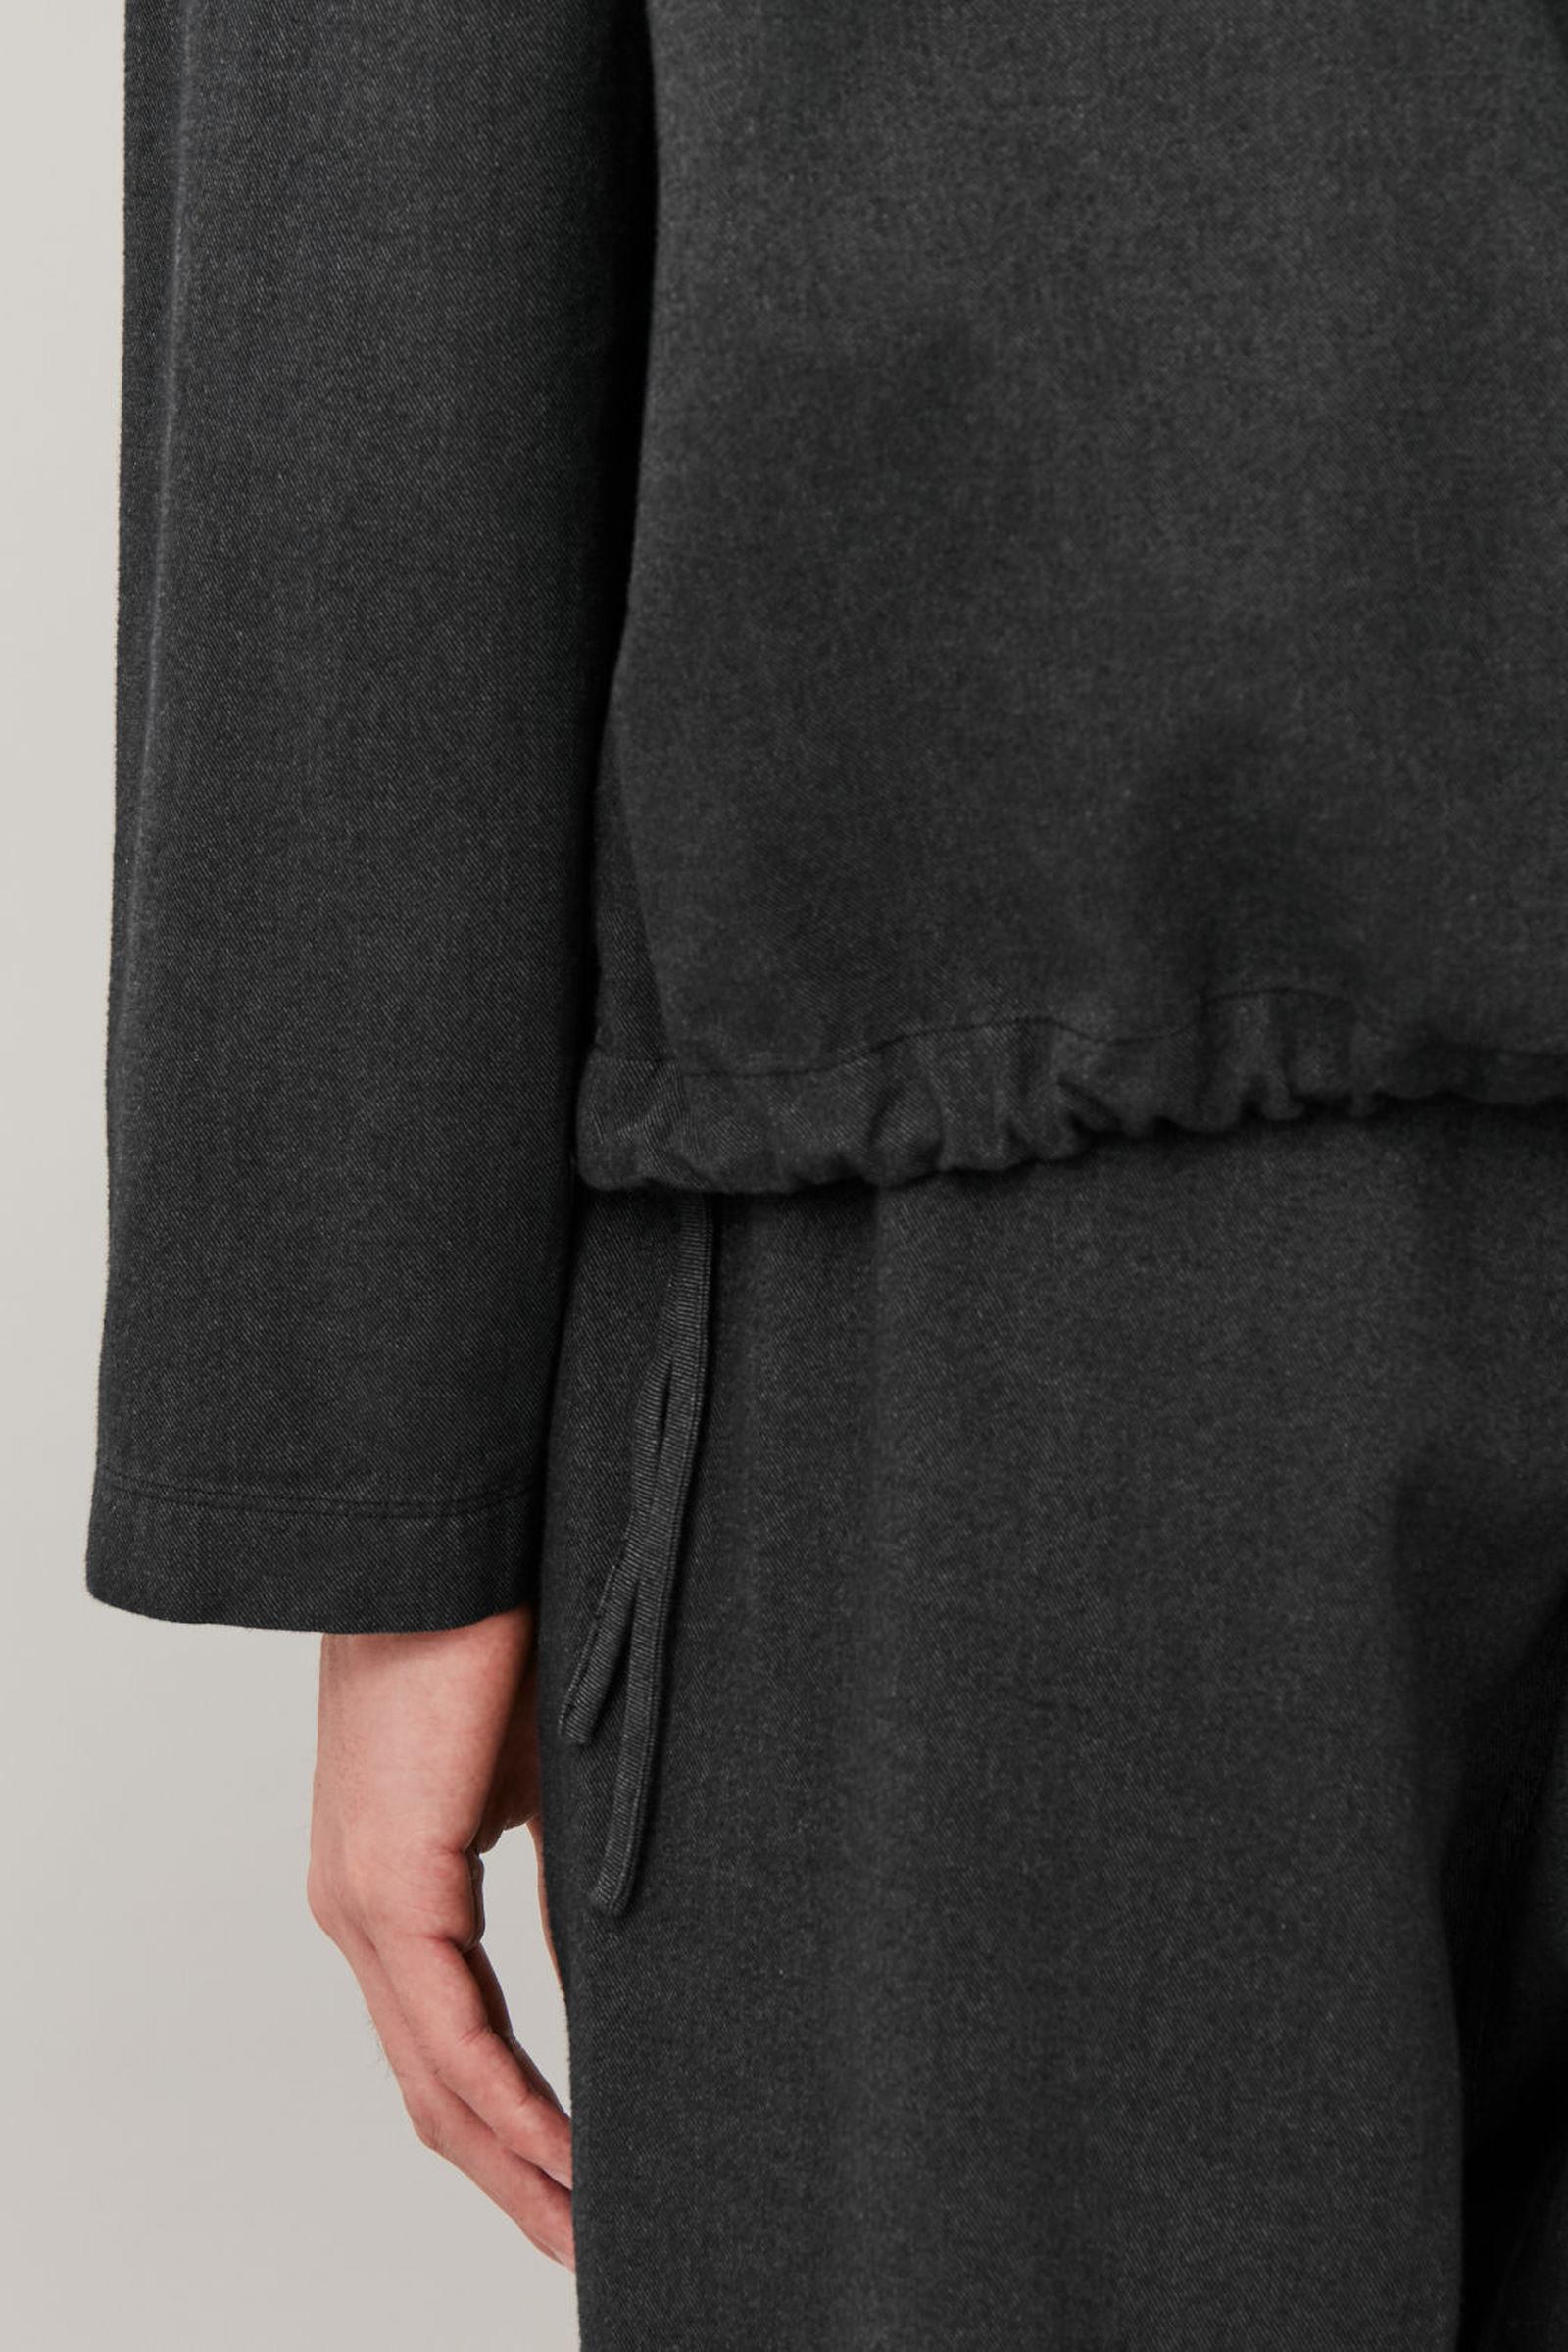 COS 드로우스트링 코튼 믹스 후디의 그레이컬러 모델컷입니다.